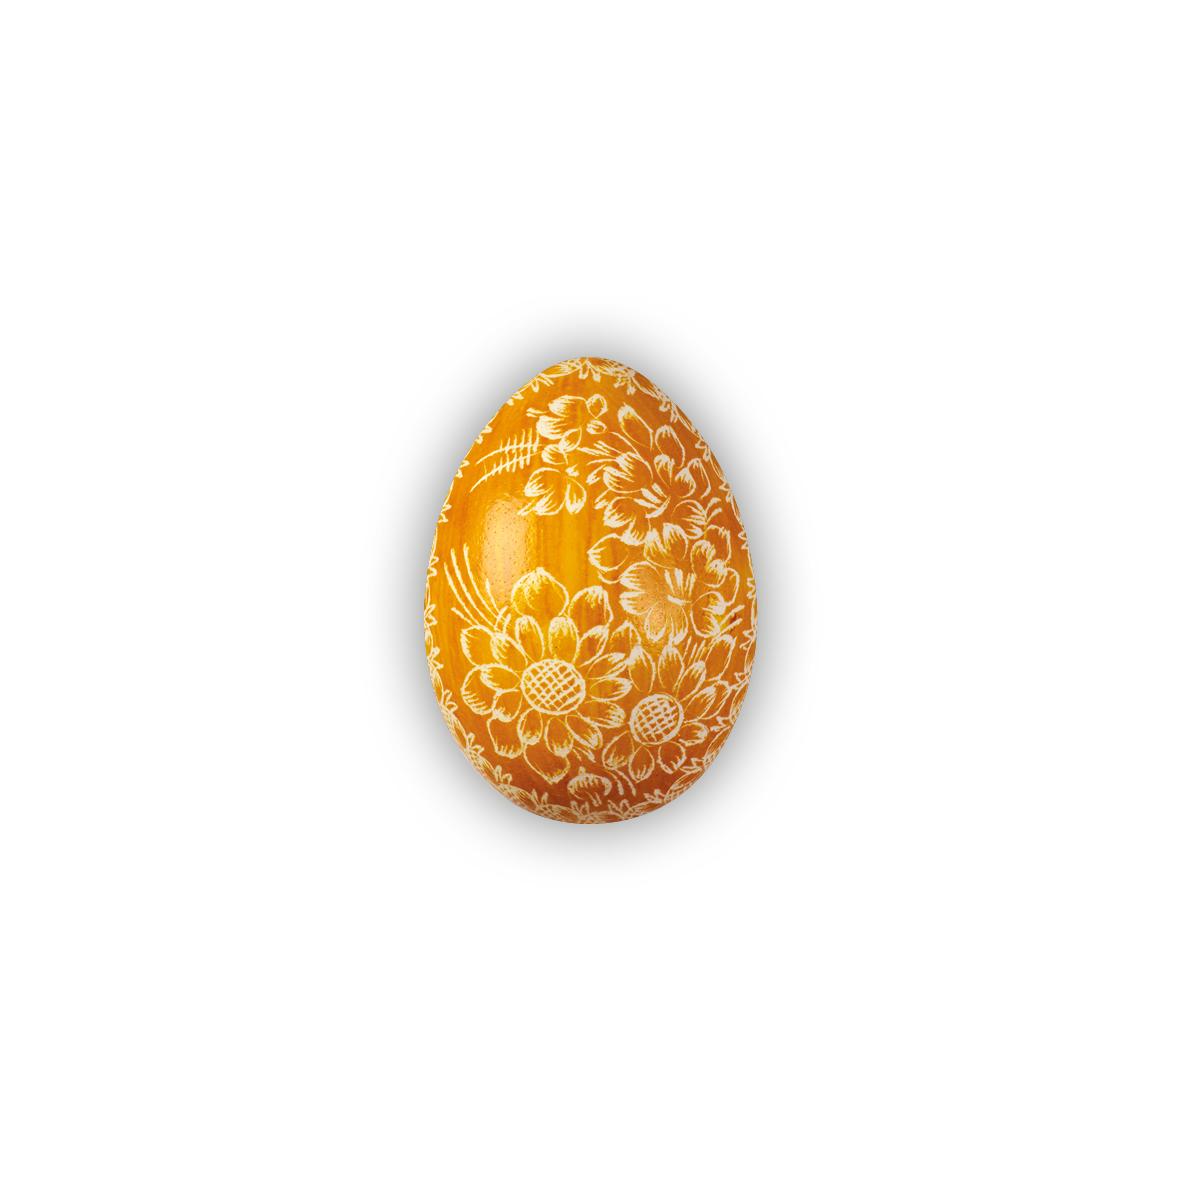 Velikonoční slepičí kraslice